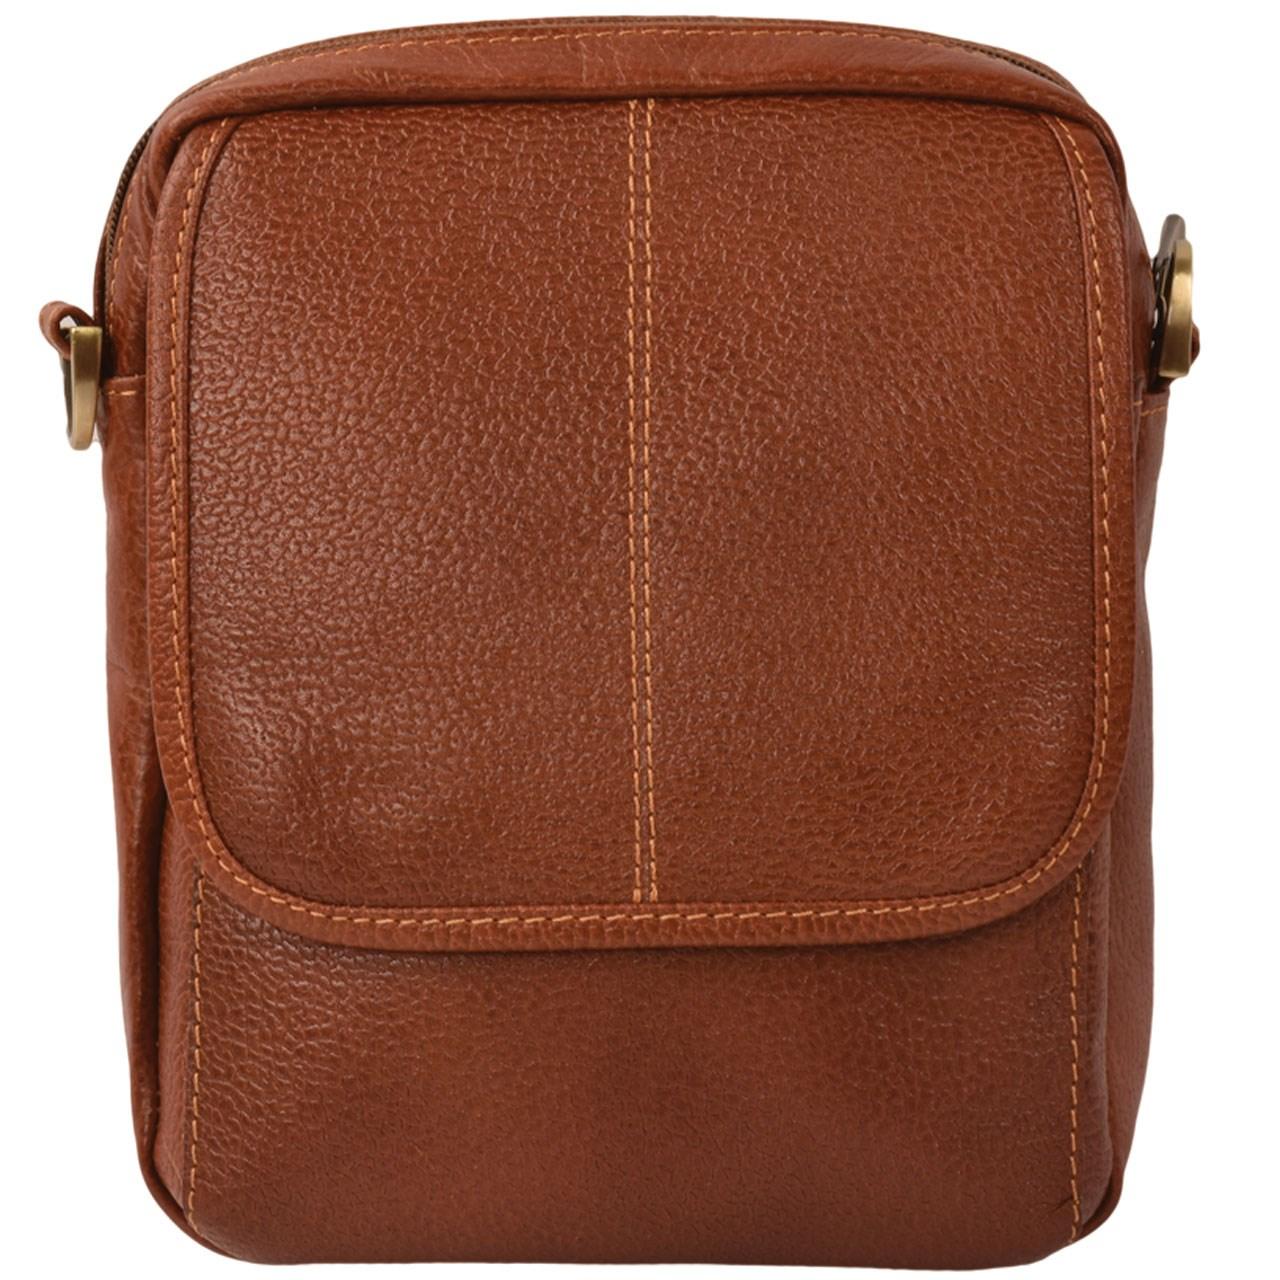 کیف دوشی چرم طبیعی کهن چرم مدل DB65-1